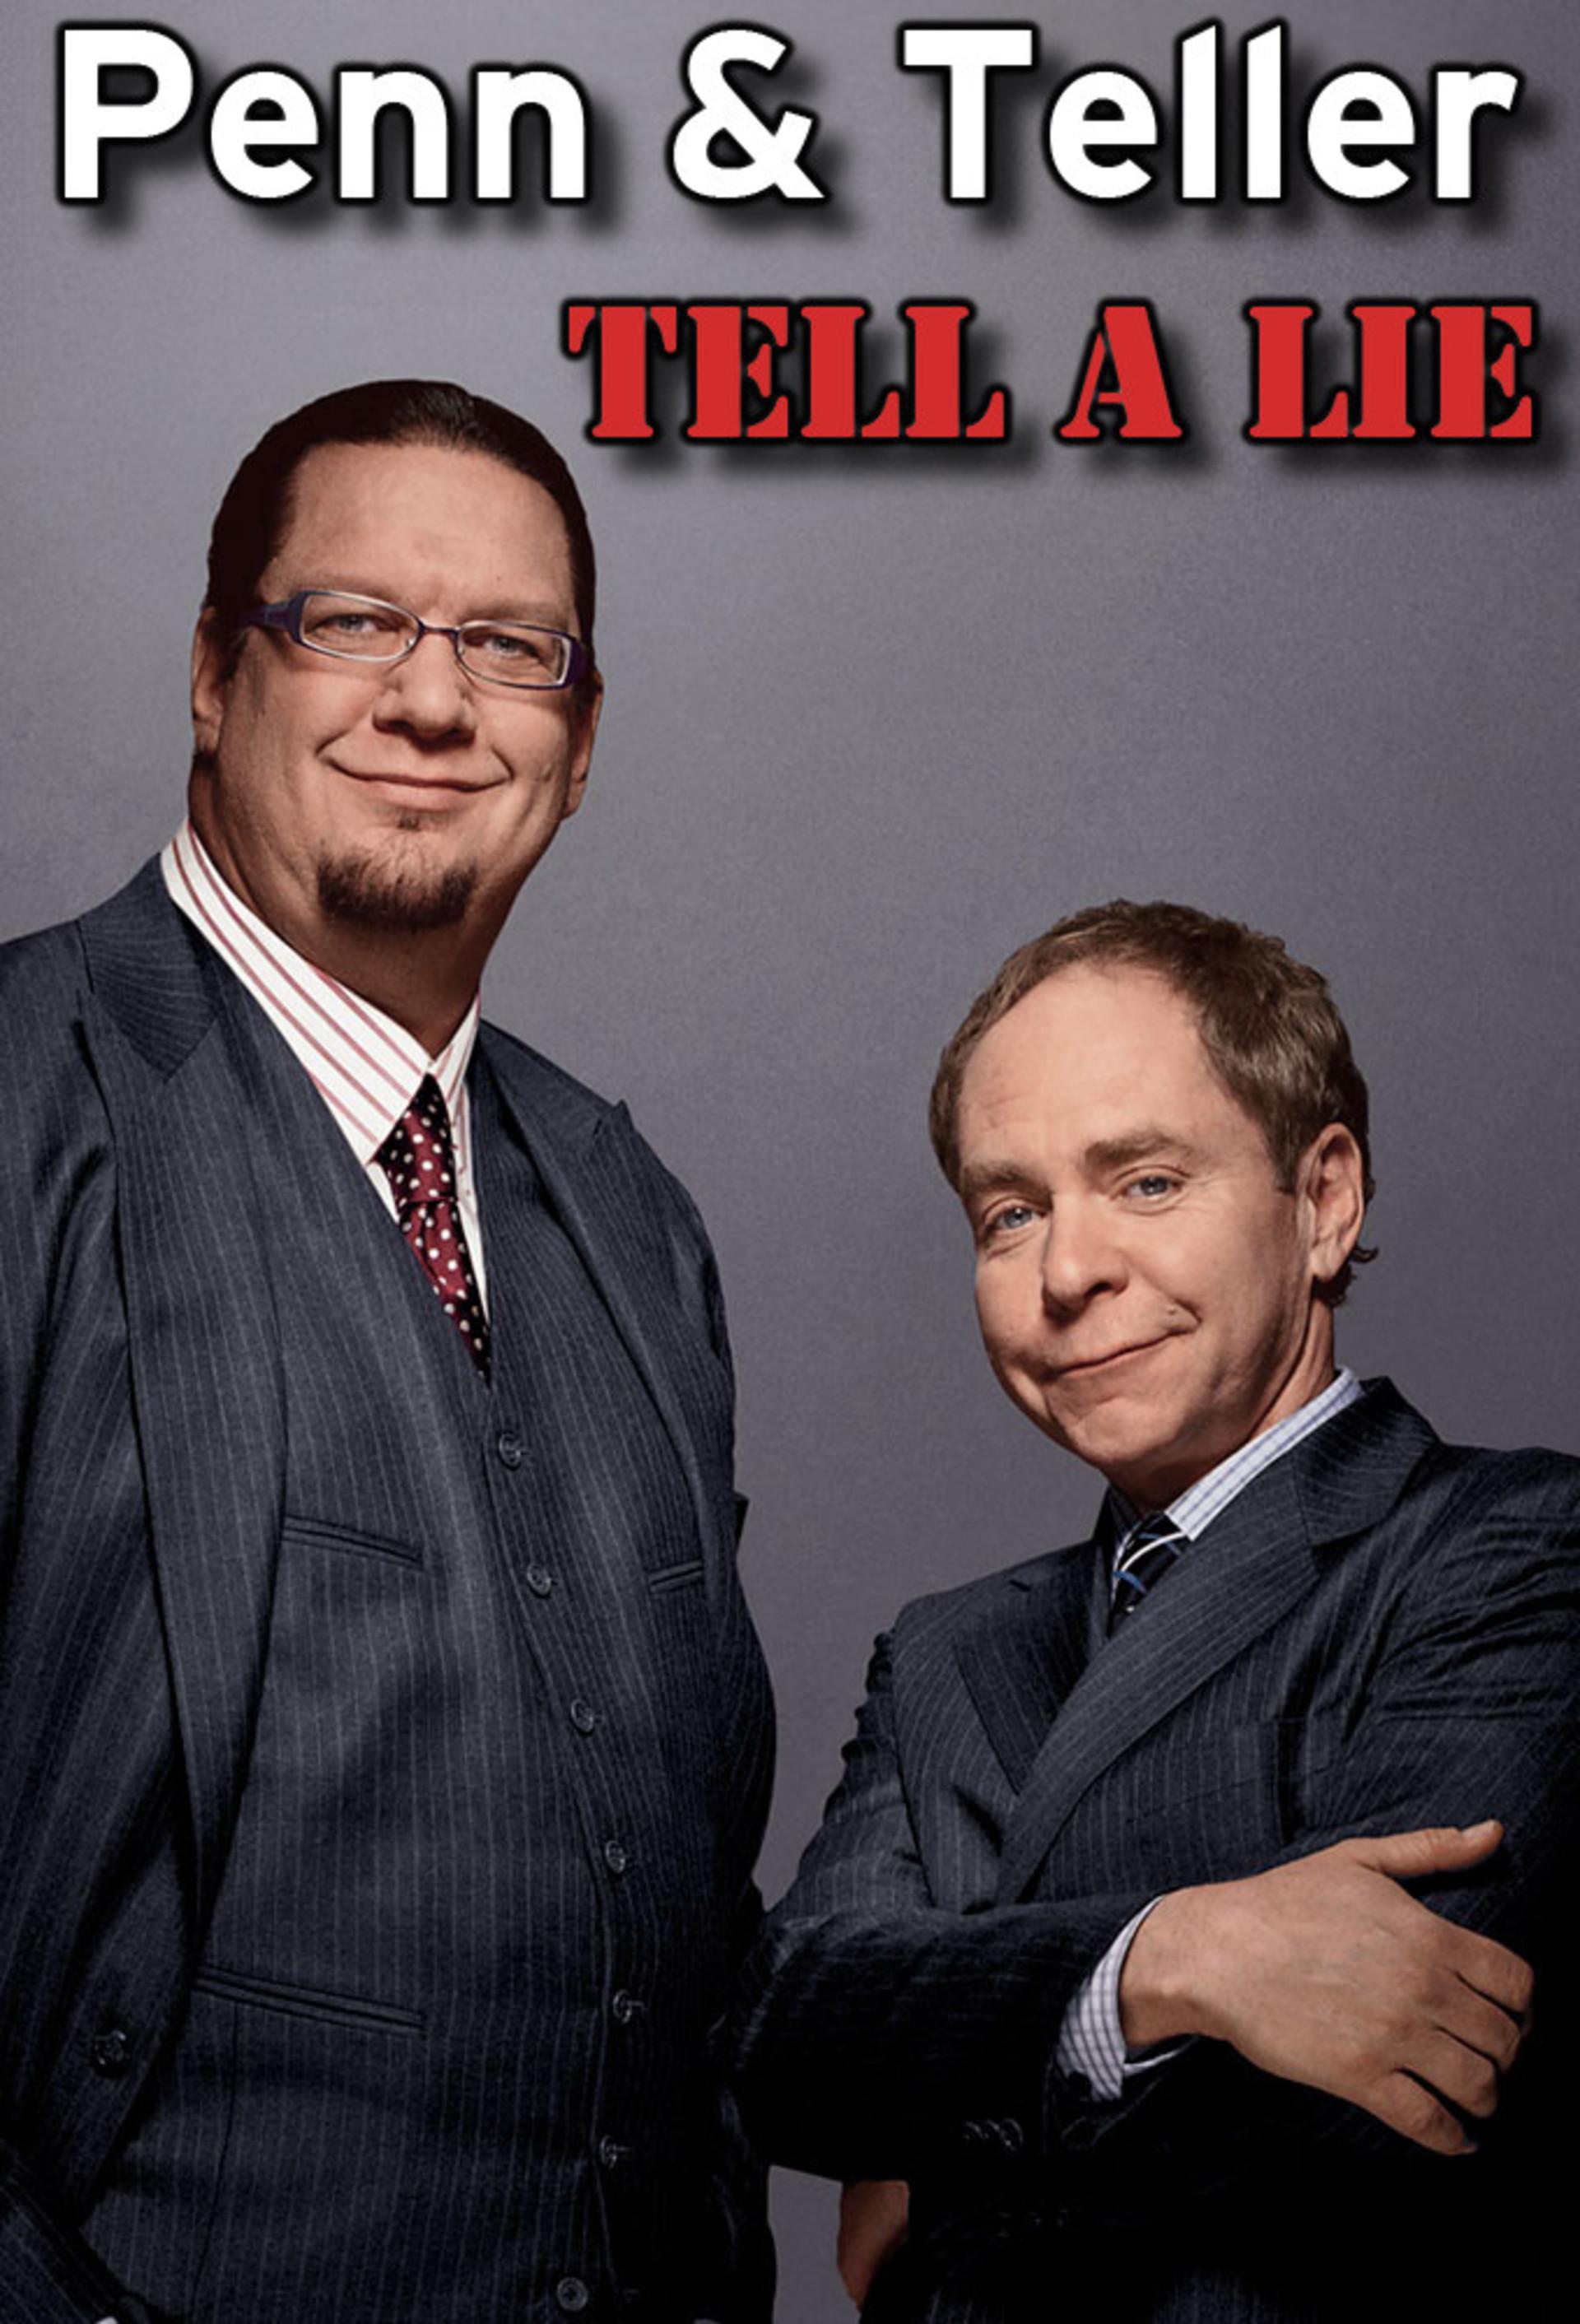 Penn & Teller Tell A Lie: Season 1